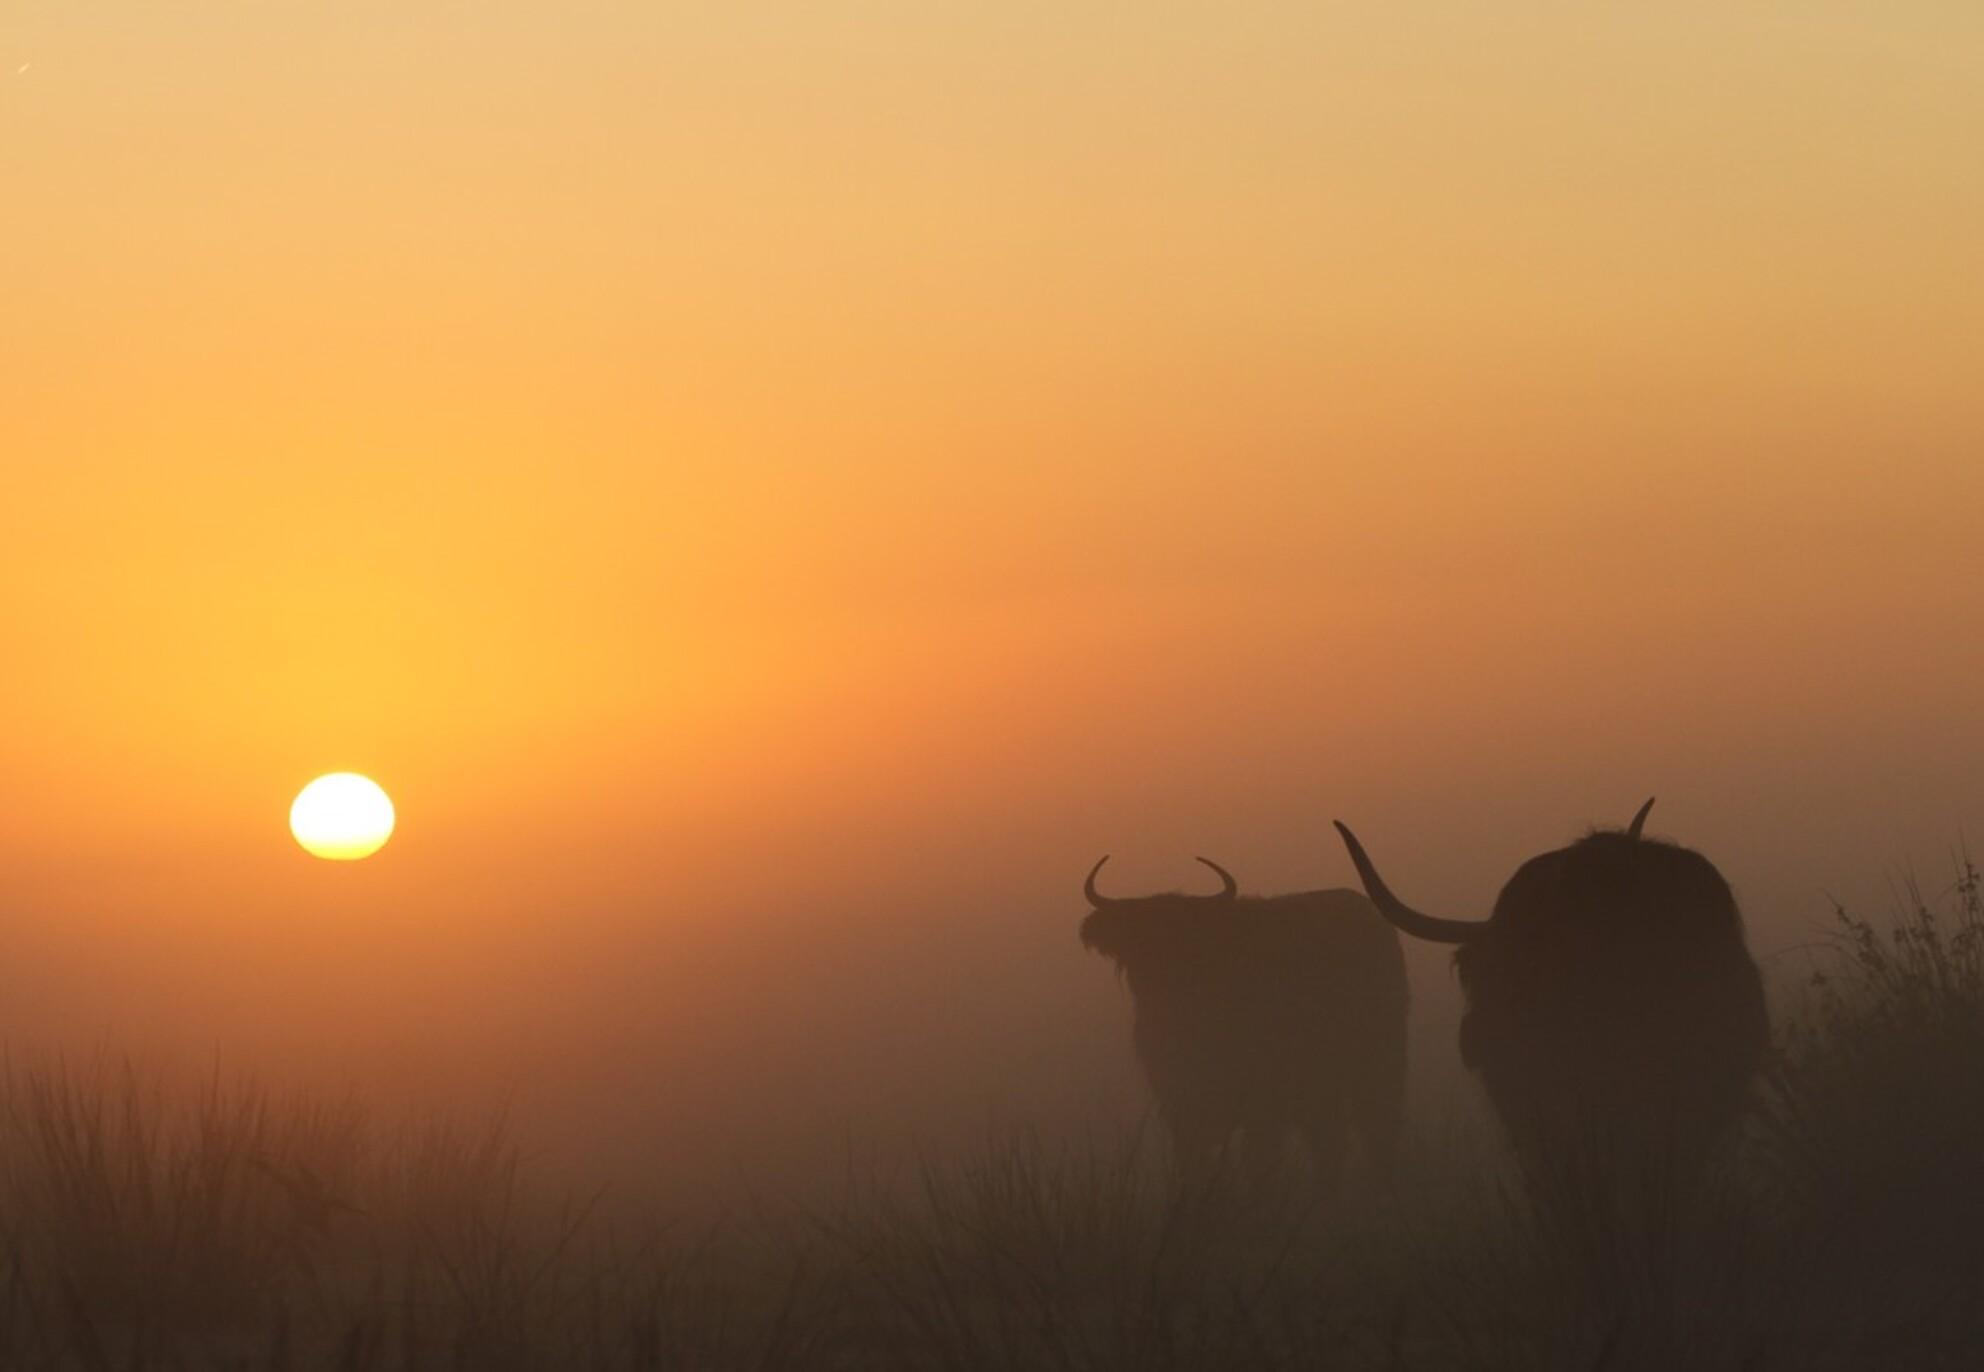 Schotse Hooglanders - Schotse Hooglanders in dichte mis tijdens zonsopgang - foto door peterheegen op 07-03-2021 - Deze foto mag gebruikt worden in een Zoom.nl publicatie